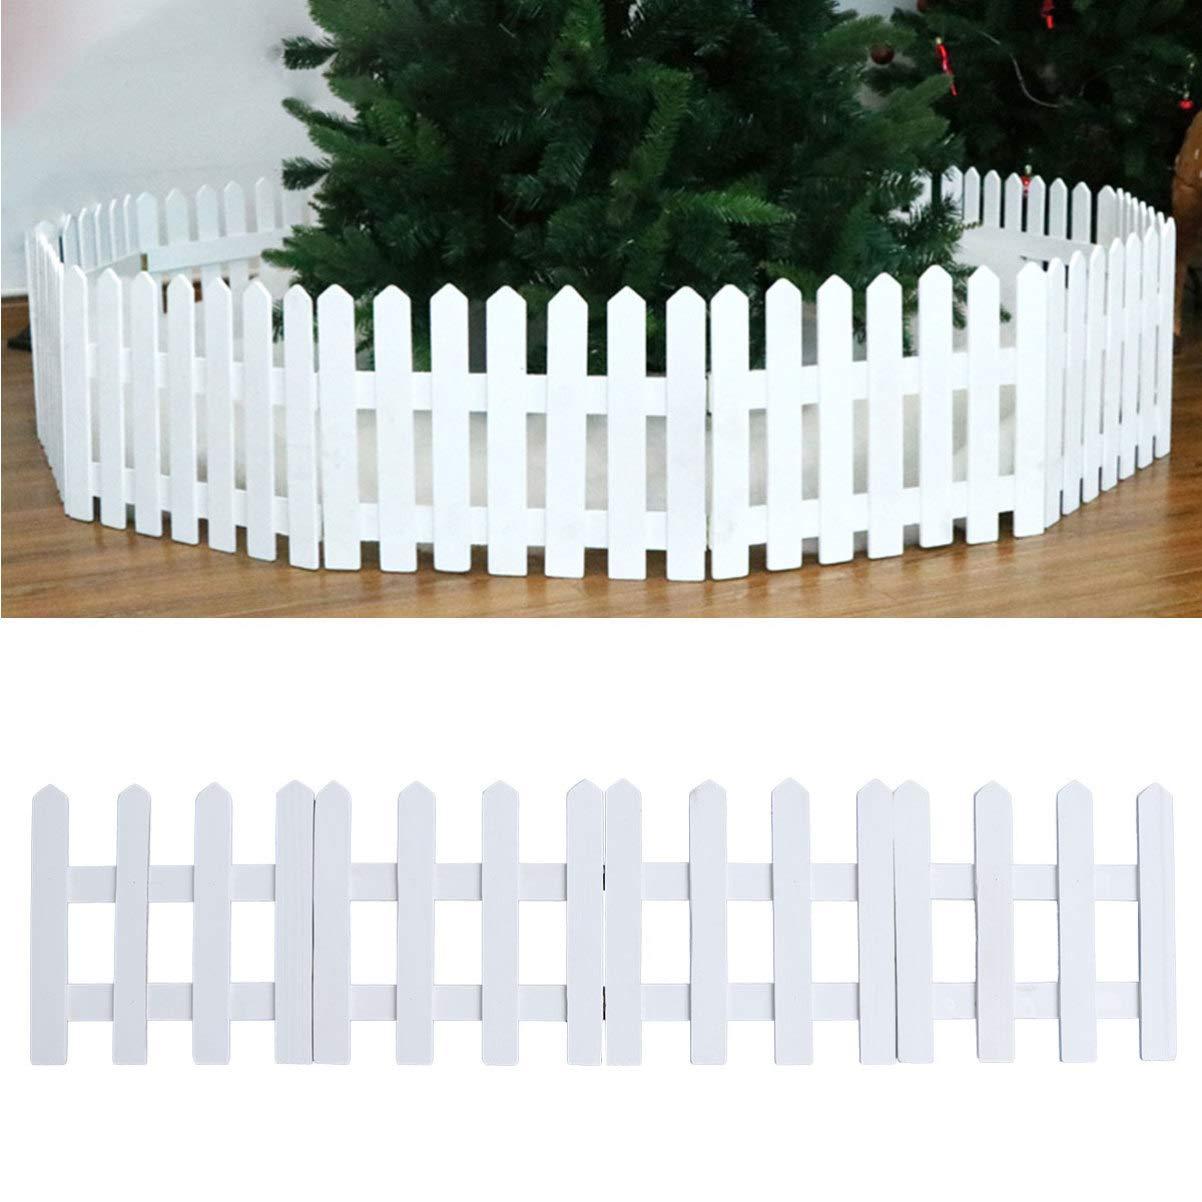 Marrone DOITOOL 1 pz 1.2 m staccionata in Legno per Albero di Natale Decorativo Natale Bianco picchetto Recinzione da Giardino per Natale Albero di Natale Decorazione della Festa Nuziale